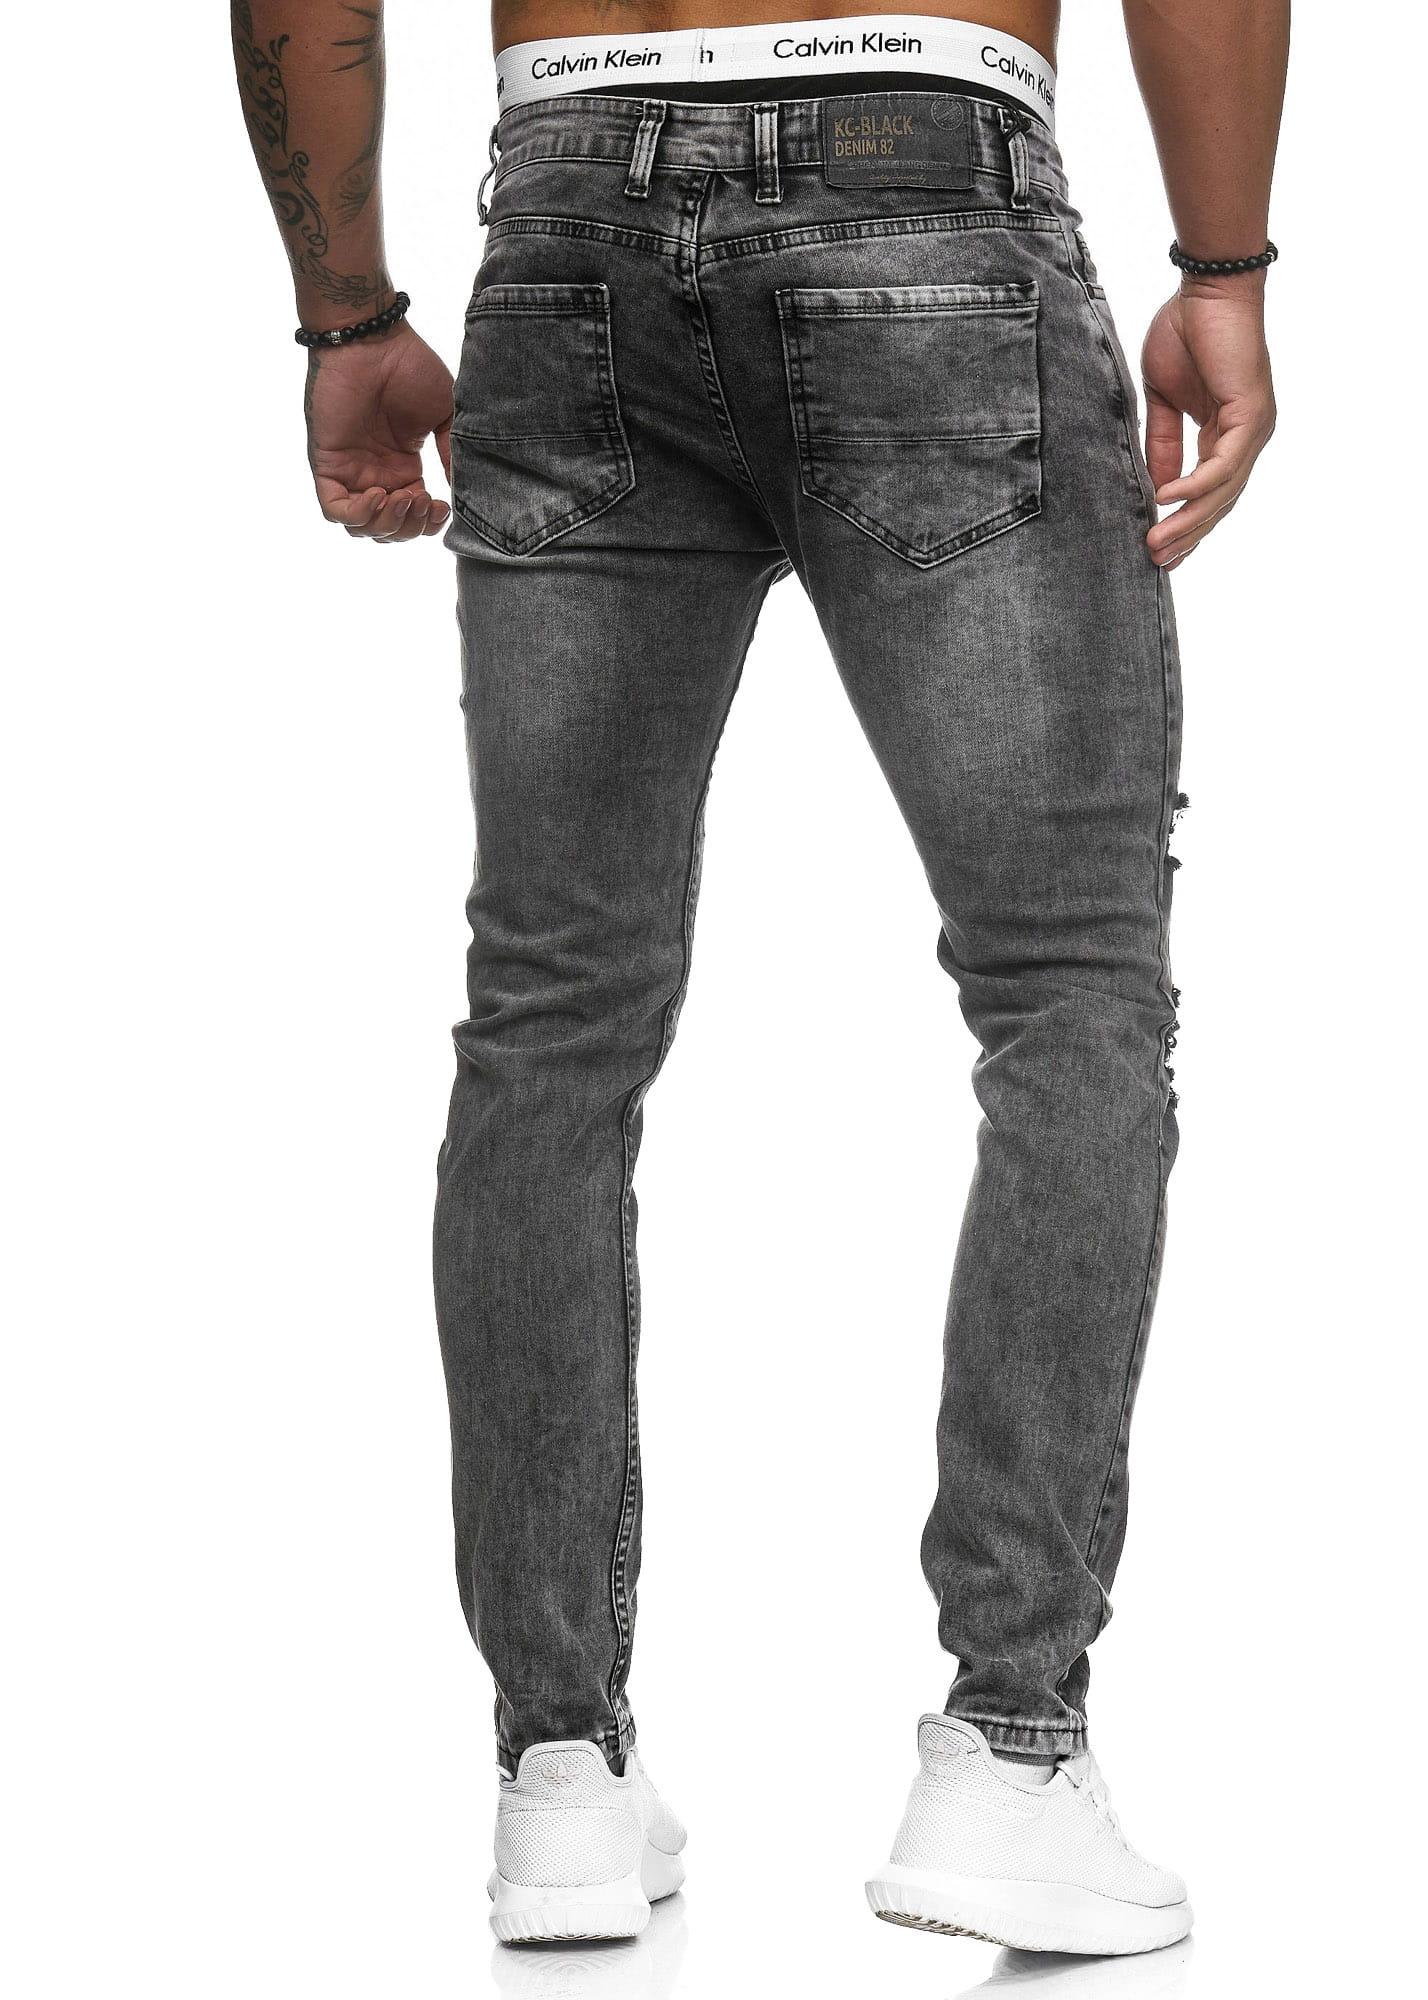 Herren Jeans Hose Slim Fit Männer Skinny Denim Designerjeans 5129C